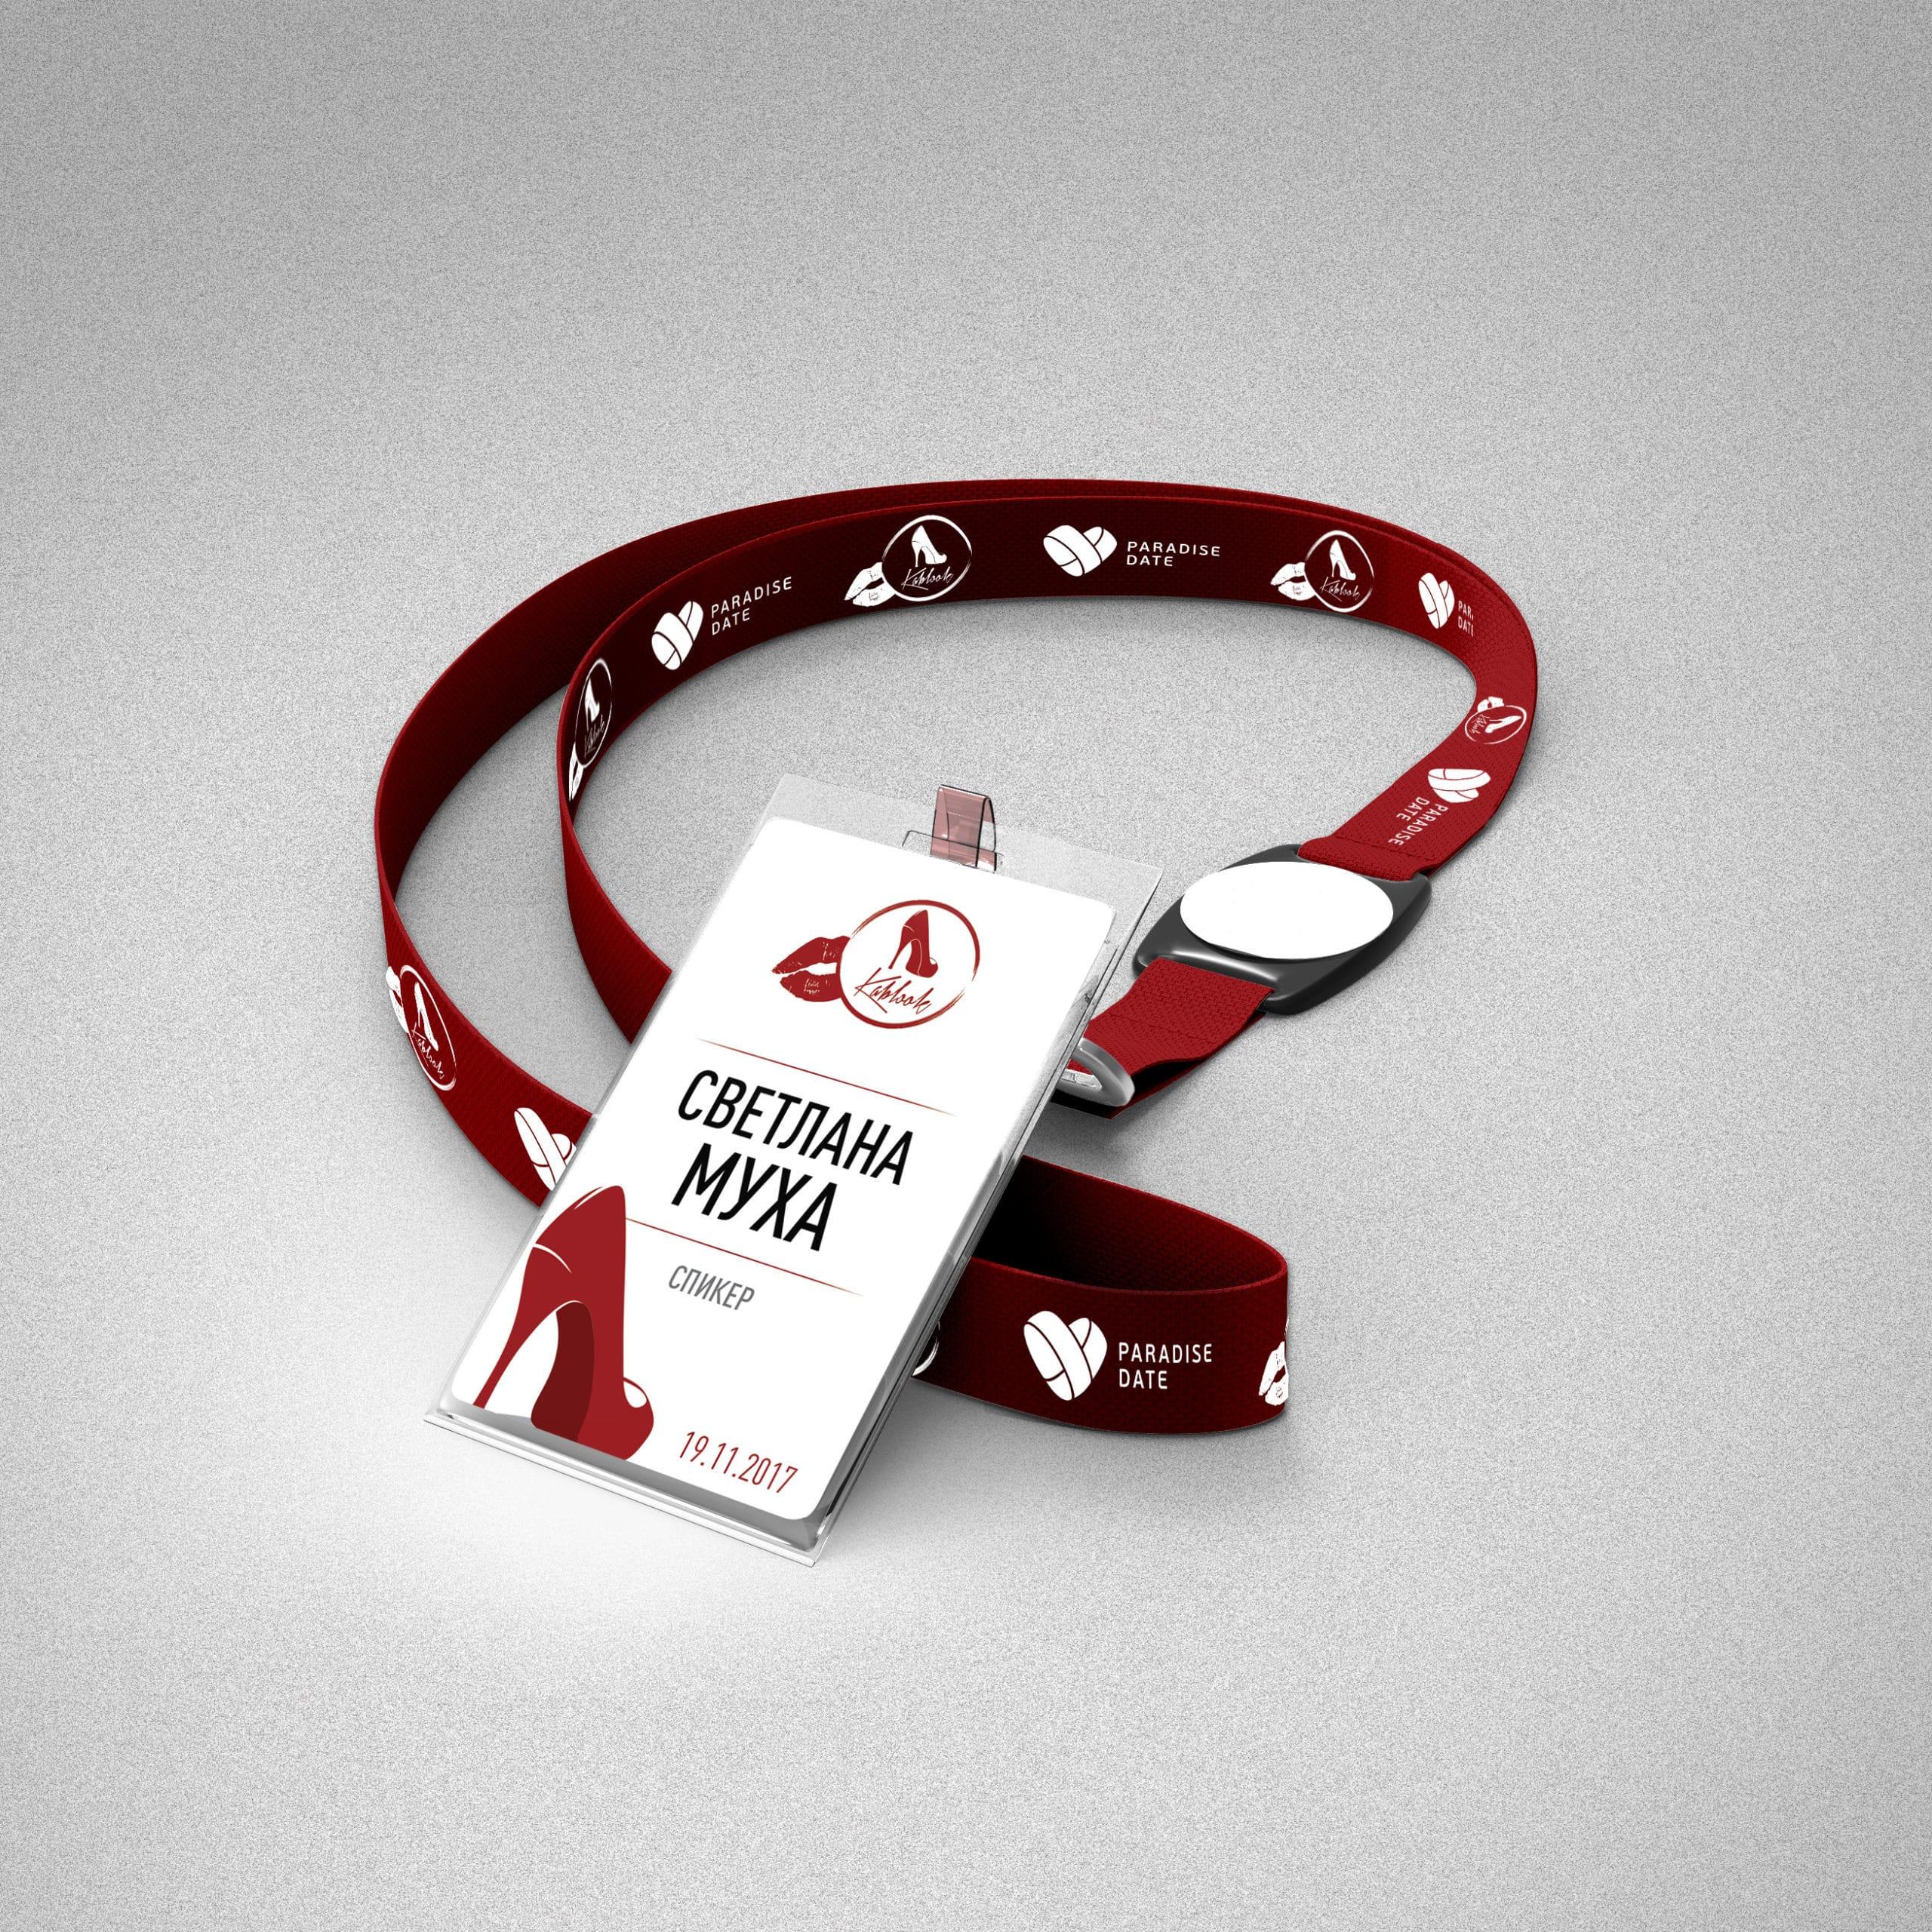 b3-kablook-badge.jpg